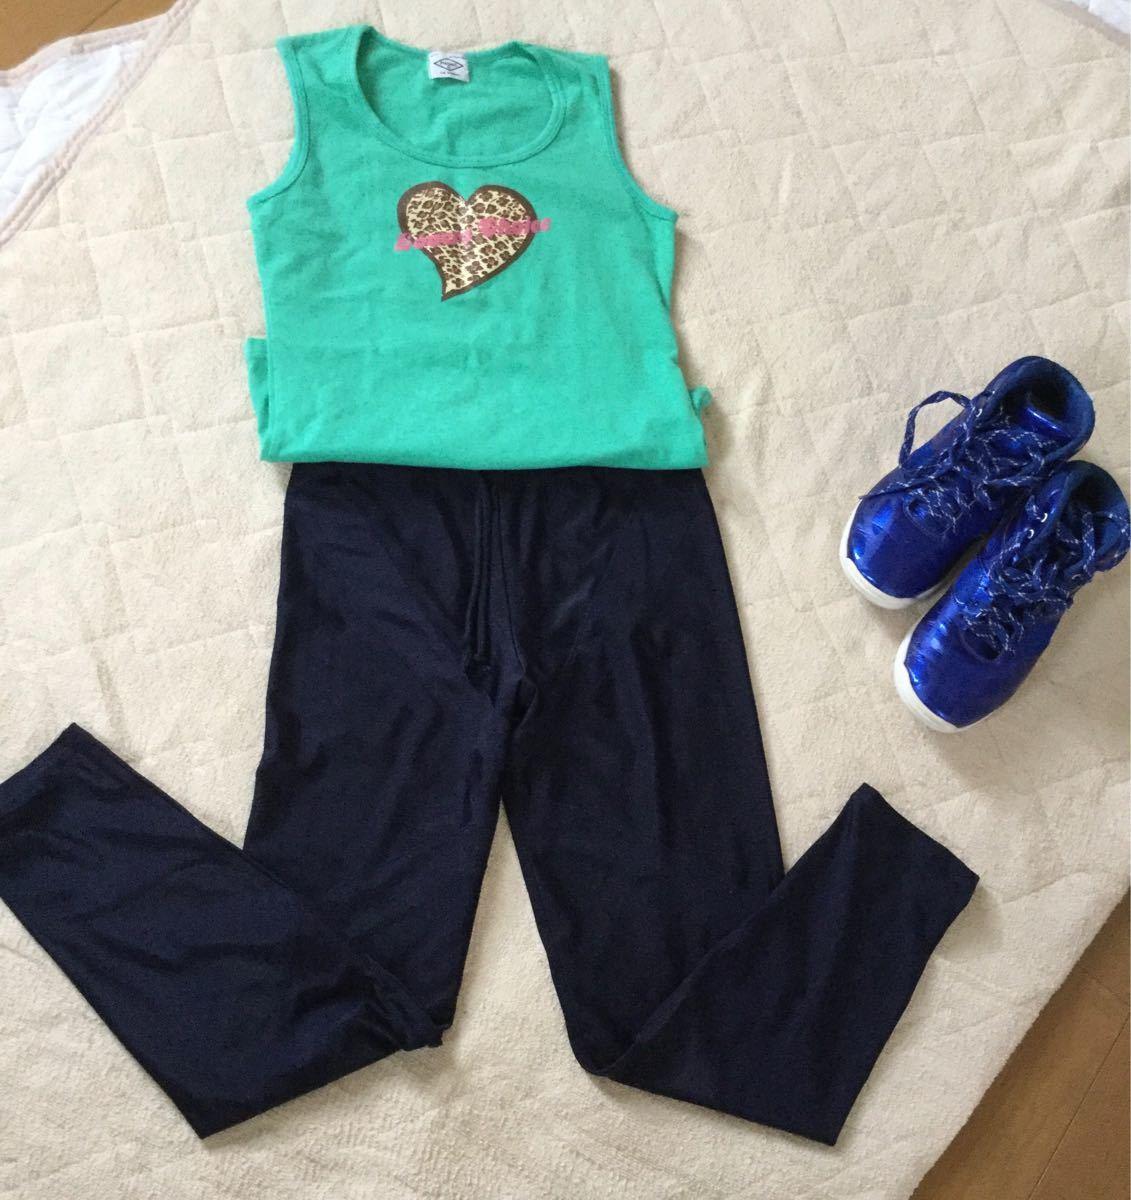 レディースタンクトップ タンクトップ トップス Tシャツ ヨガ トレーニングウェア スポーツウェア ピラティス ルーシーダットン